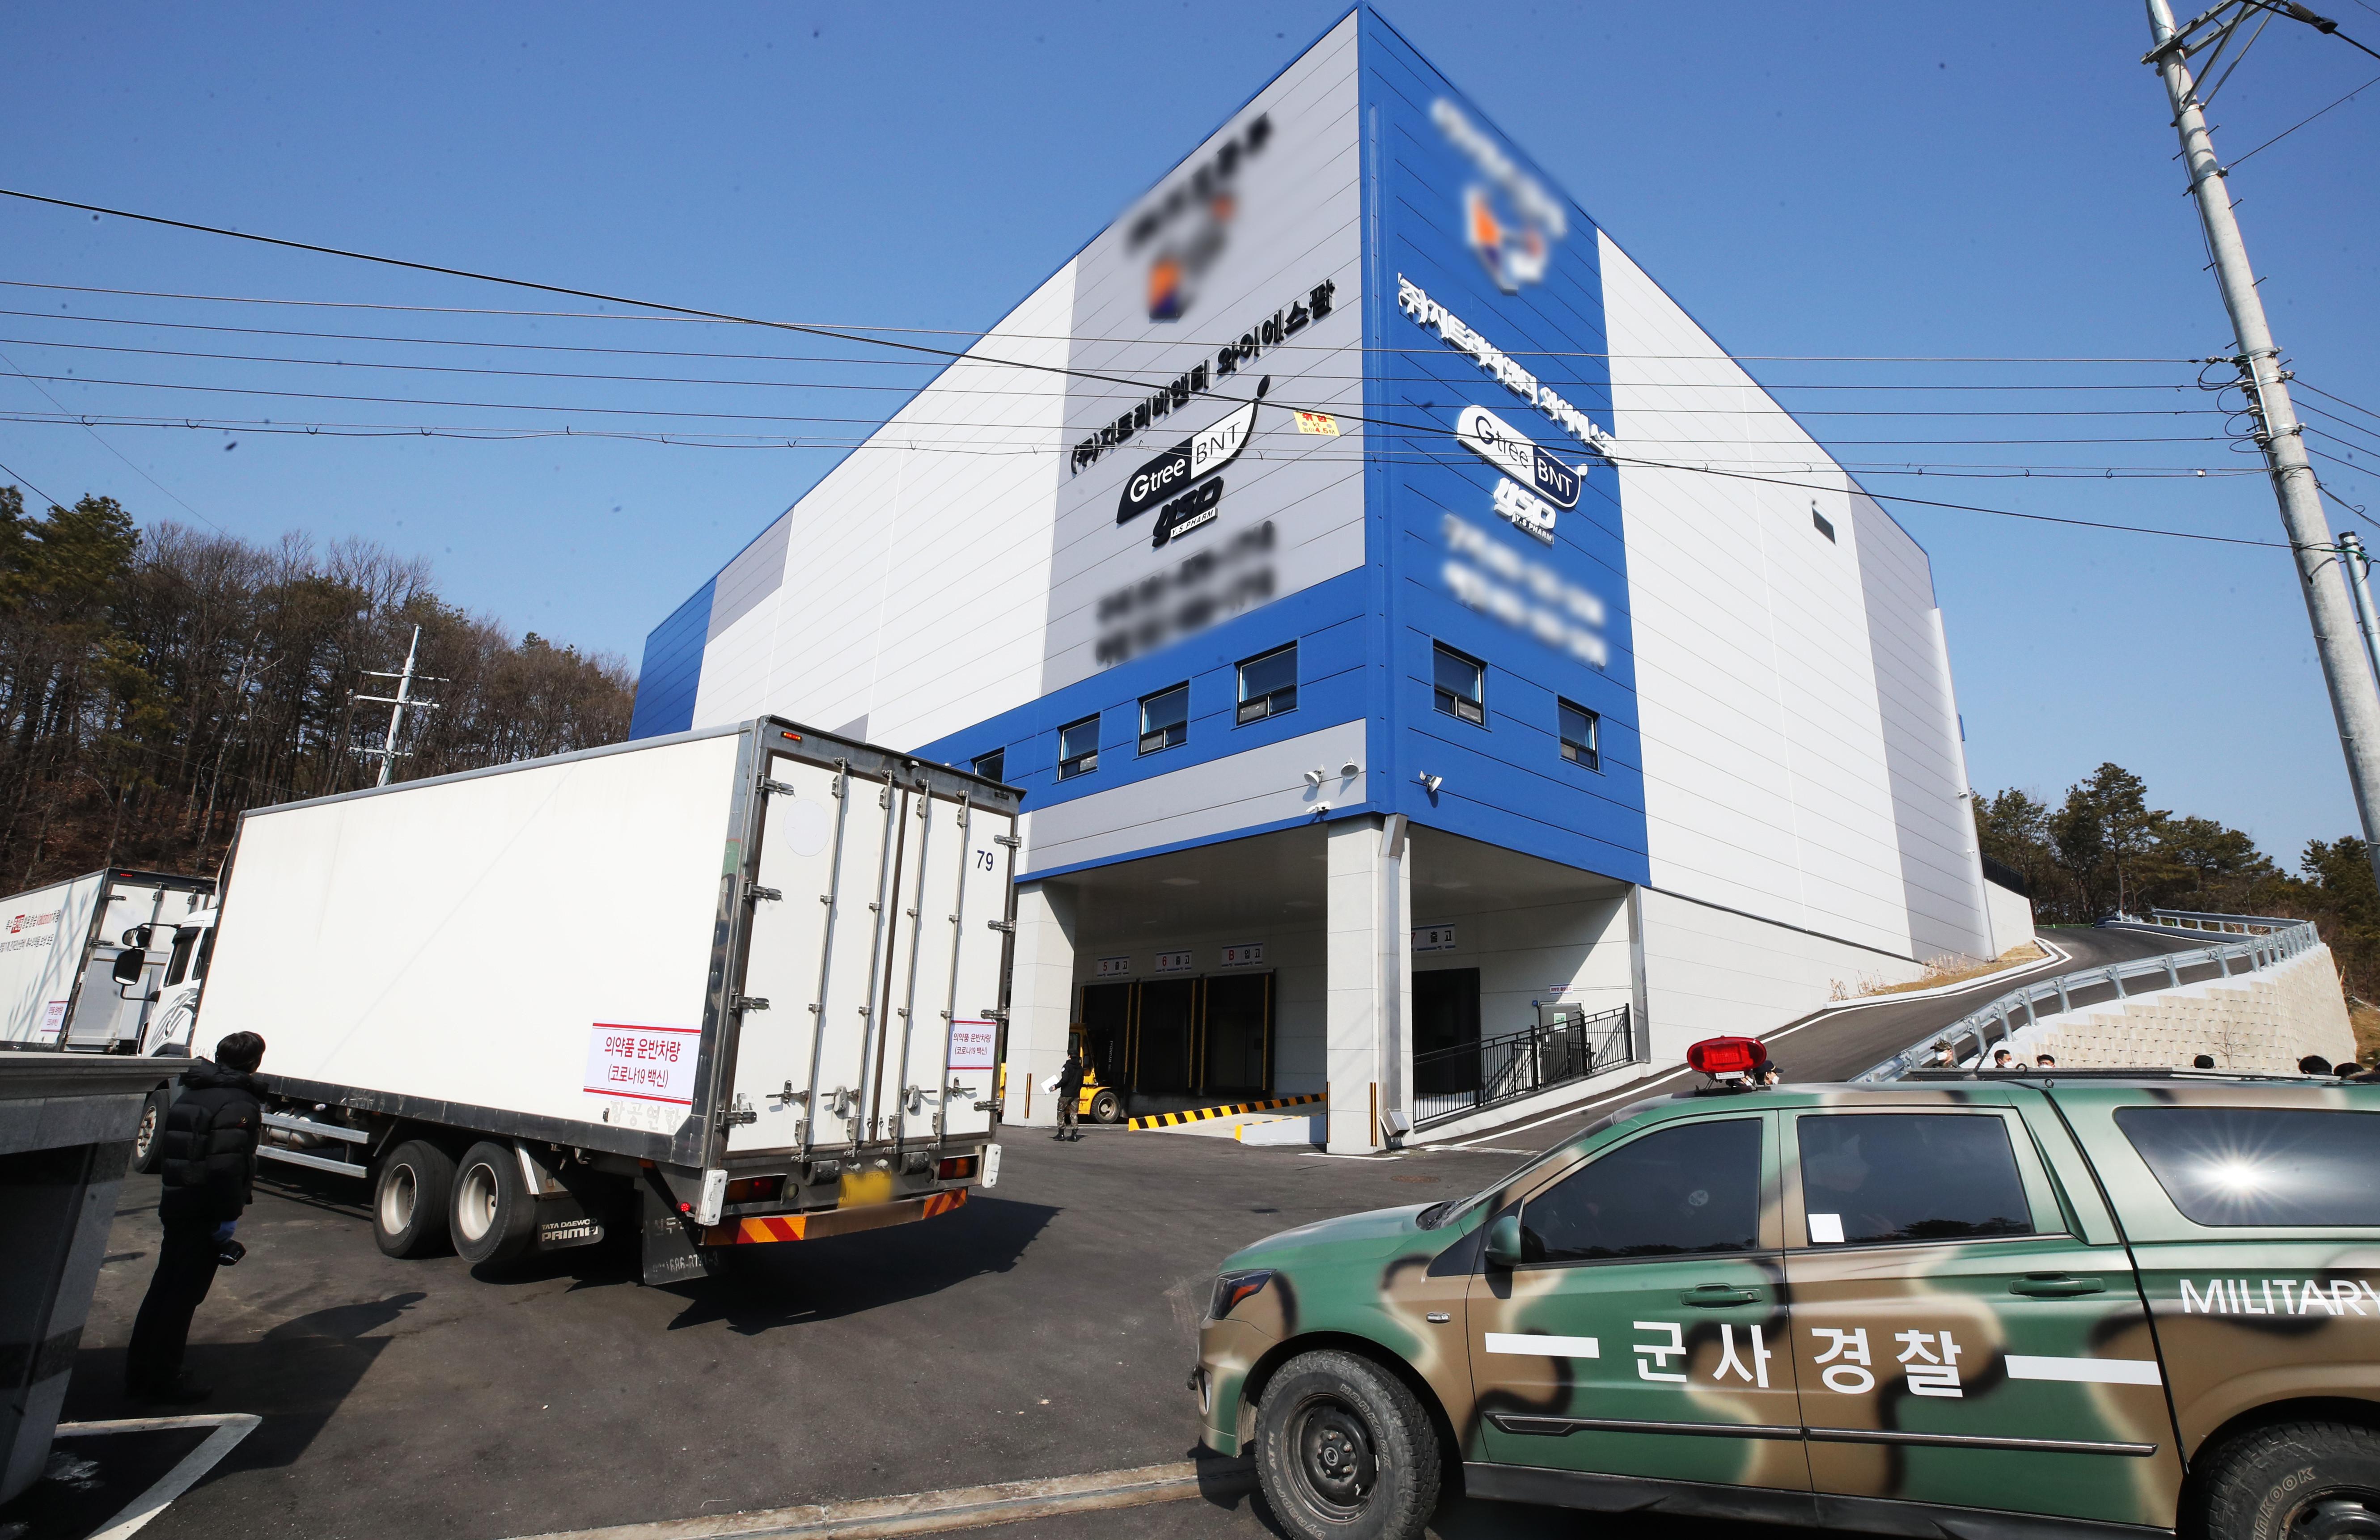 ▲▼一輛卡車載著AZ疫苗從SK生技位於慶北安東的工廠運送至京畿道利川市的倉庫,由軍方護送。(圖/達志影像)